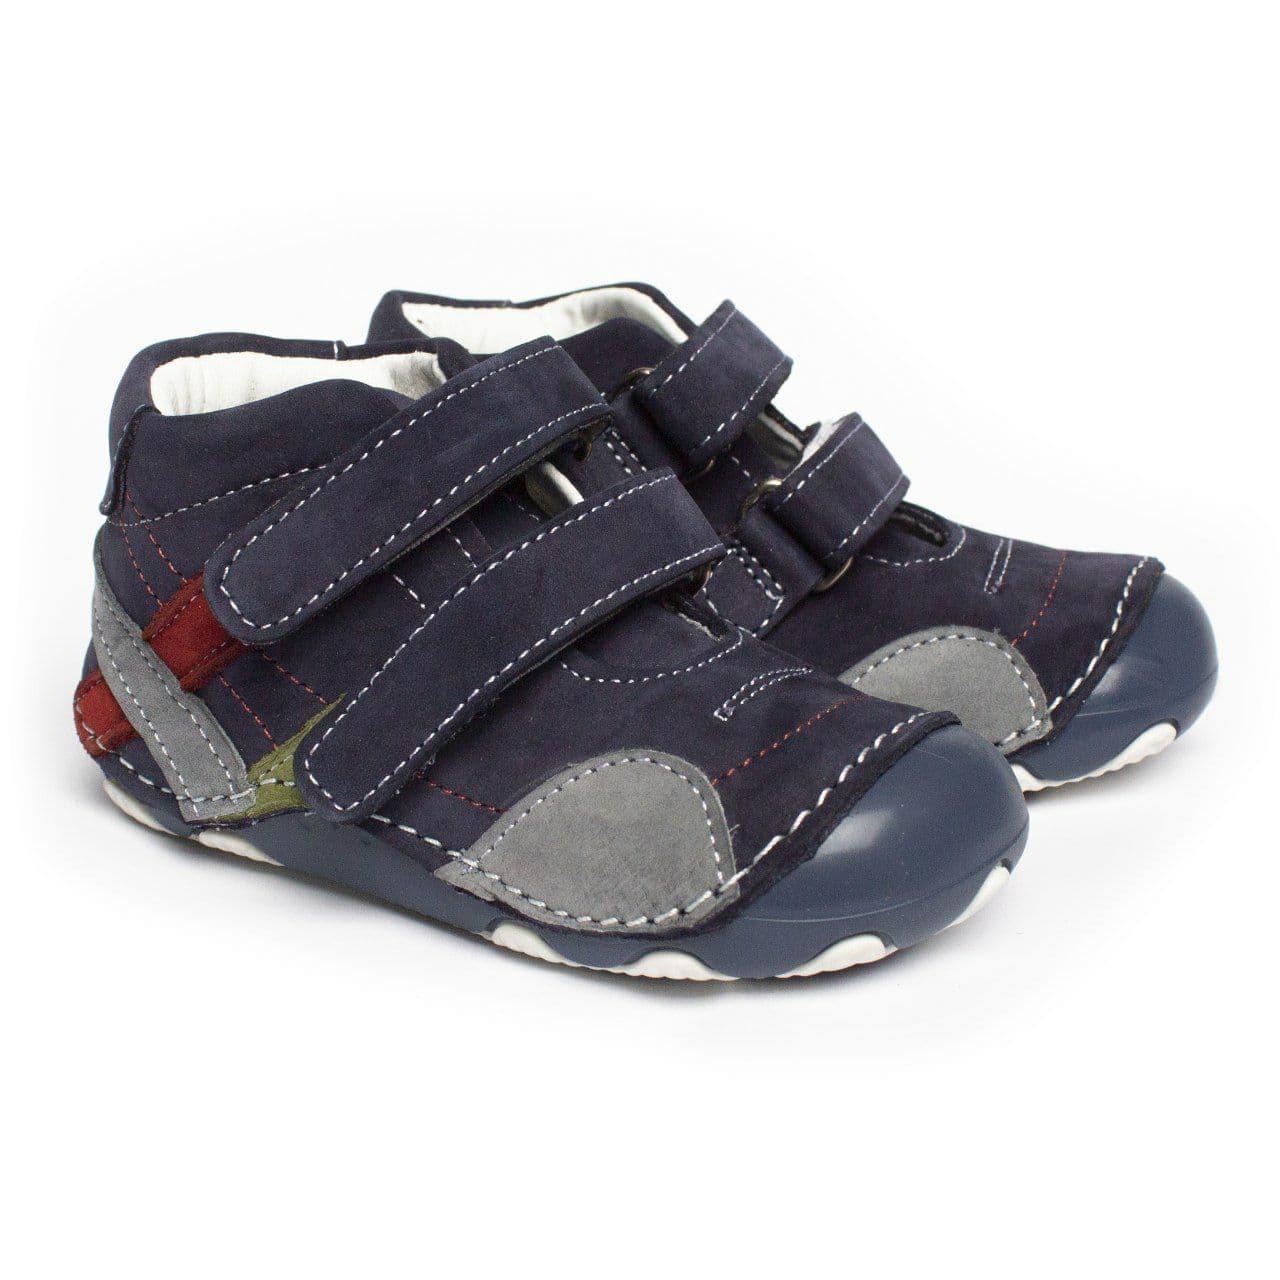 Шкіряні черевики-пінетки для хлопчика, ортопедичні, сині, розмір 20, 21, 22